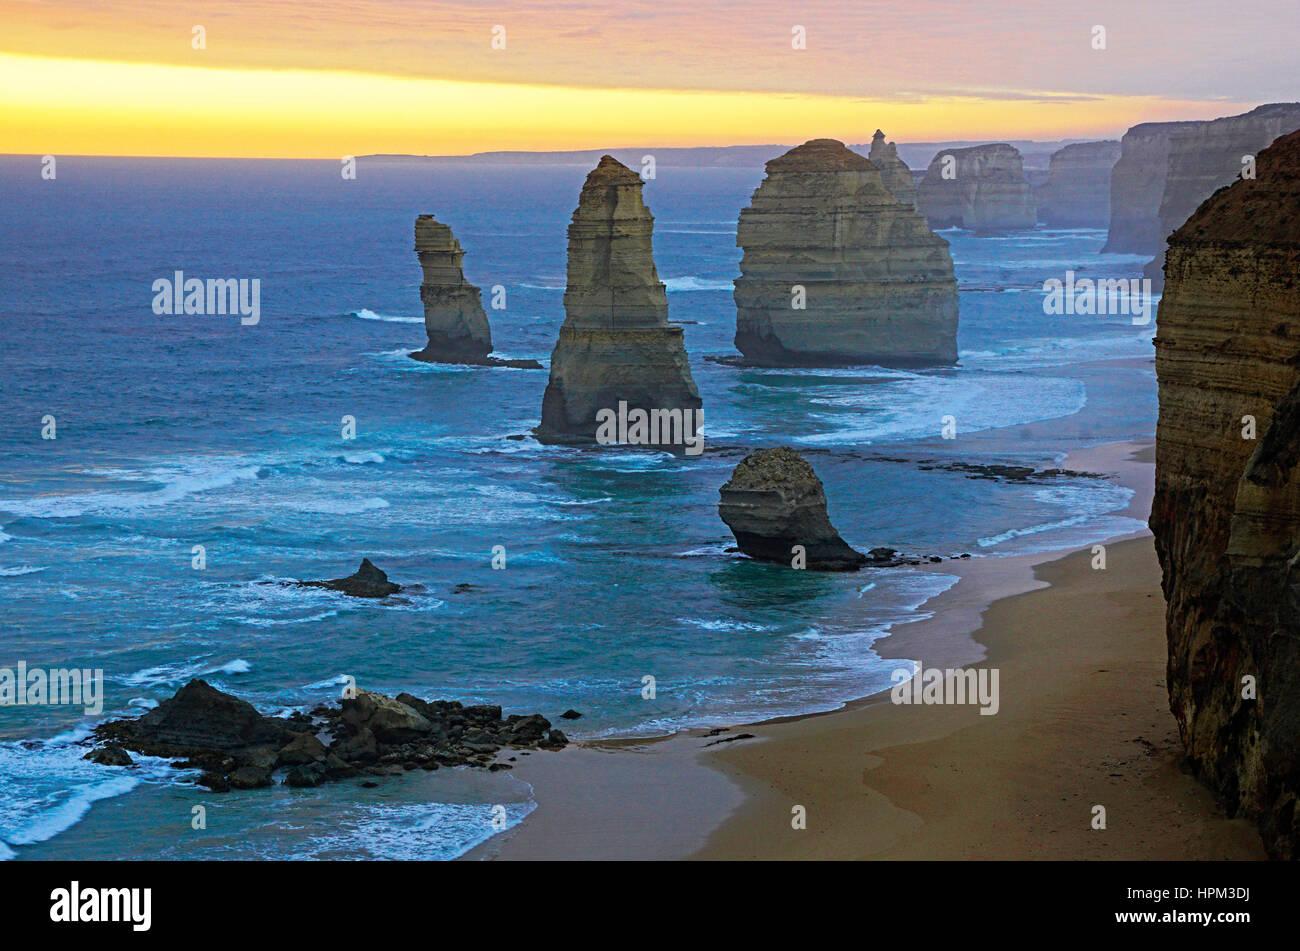 12 apôtres au coucher du soleil le long de la Great Ocean Road, Victoria, Australie. Photo Stock